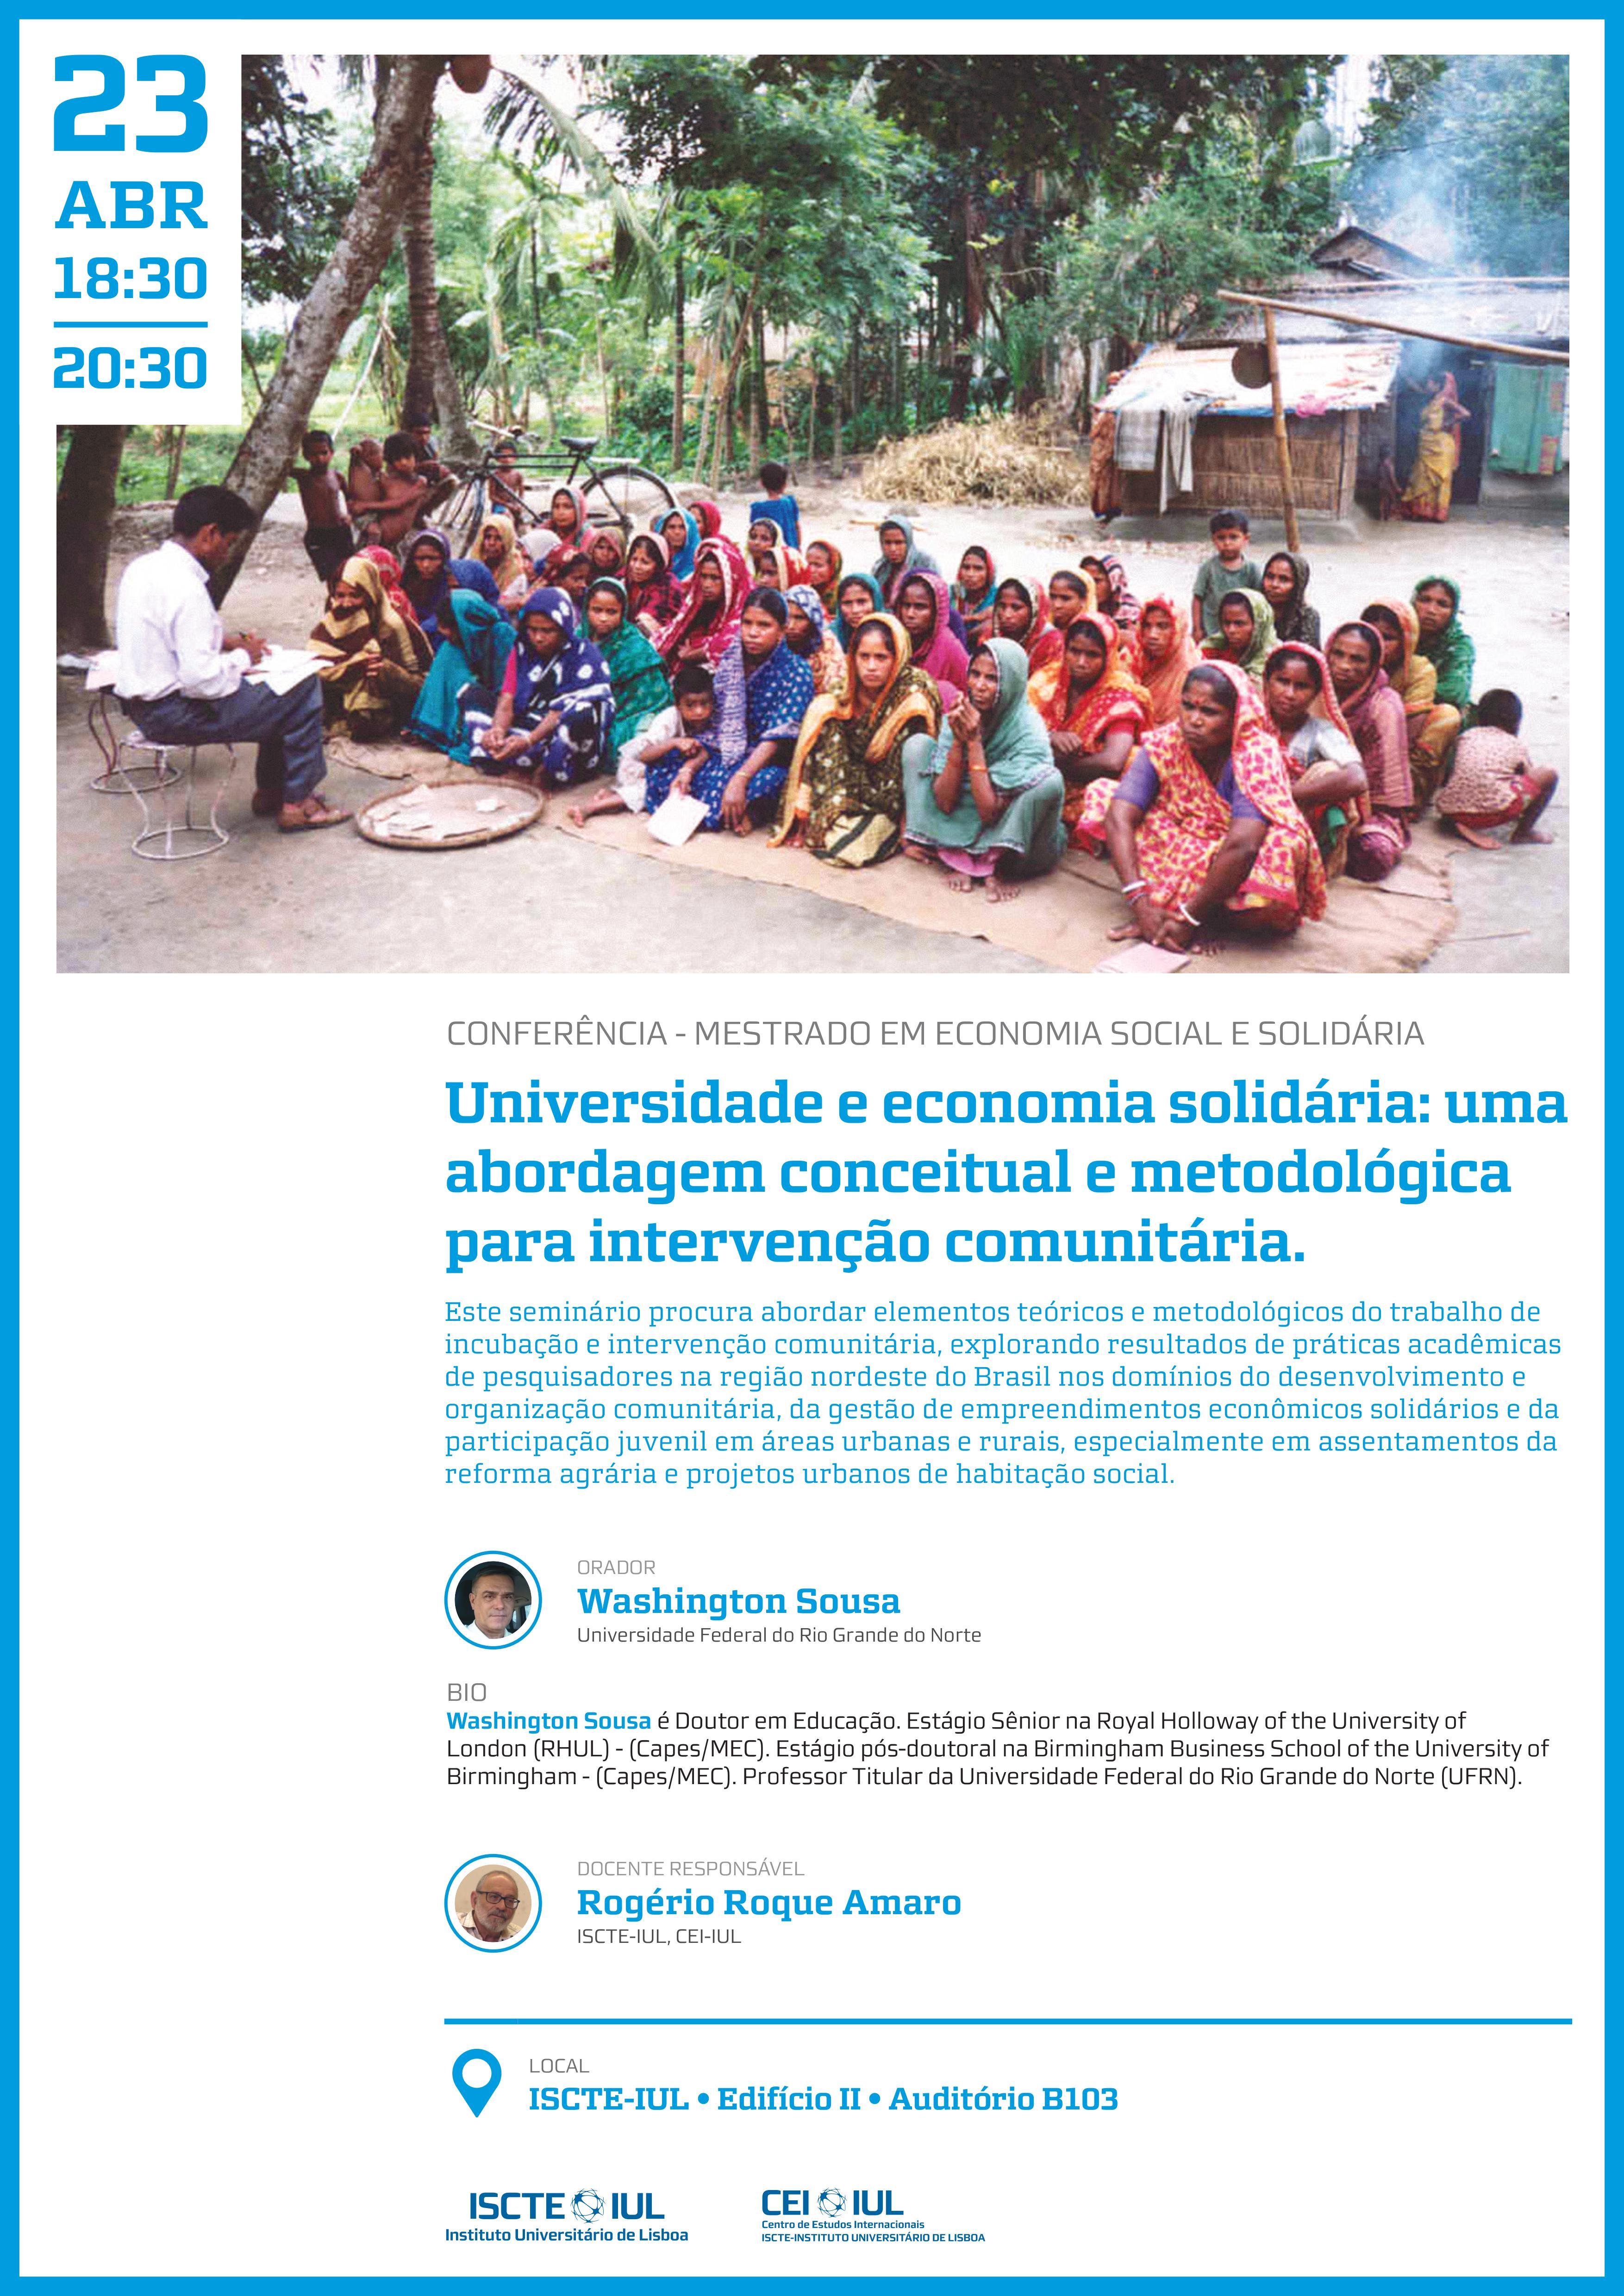 Aula Aberta Mestrado de Economia Social e Solidária